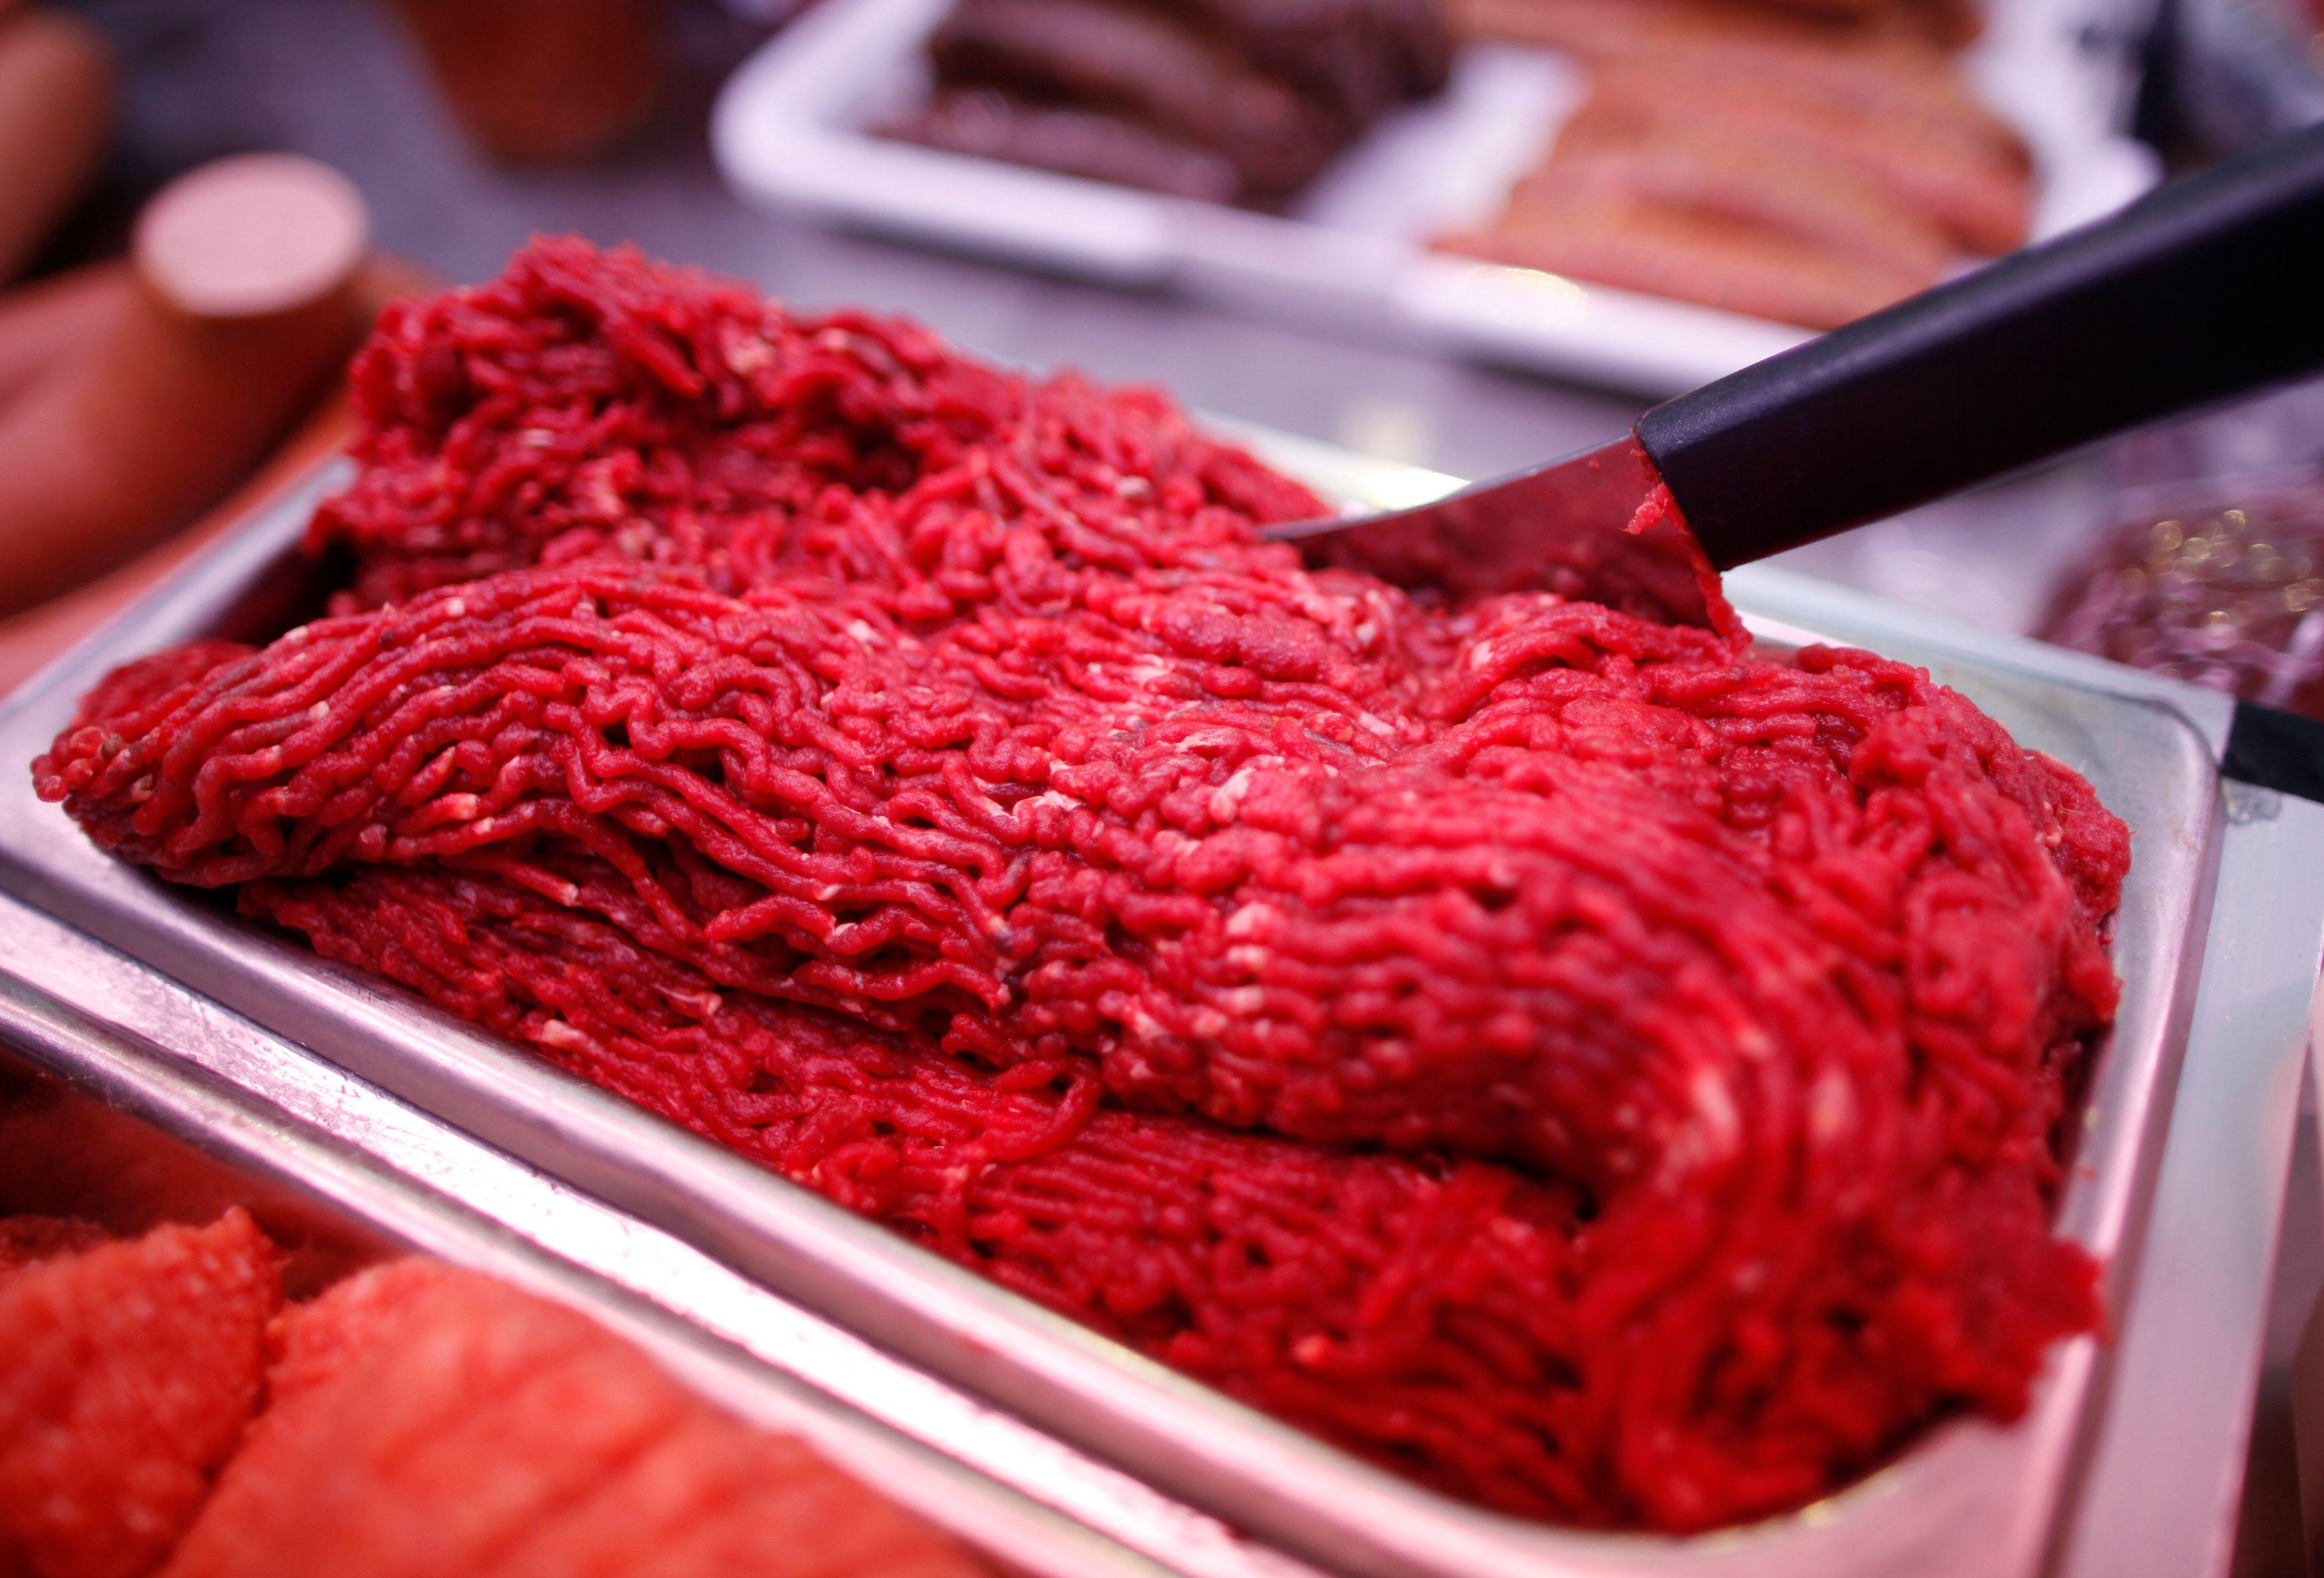 L'affaire de la viande de cheval défraye la chronique depuis plusieurs semaines